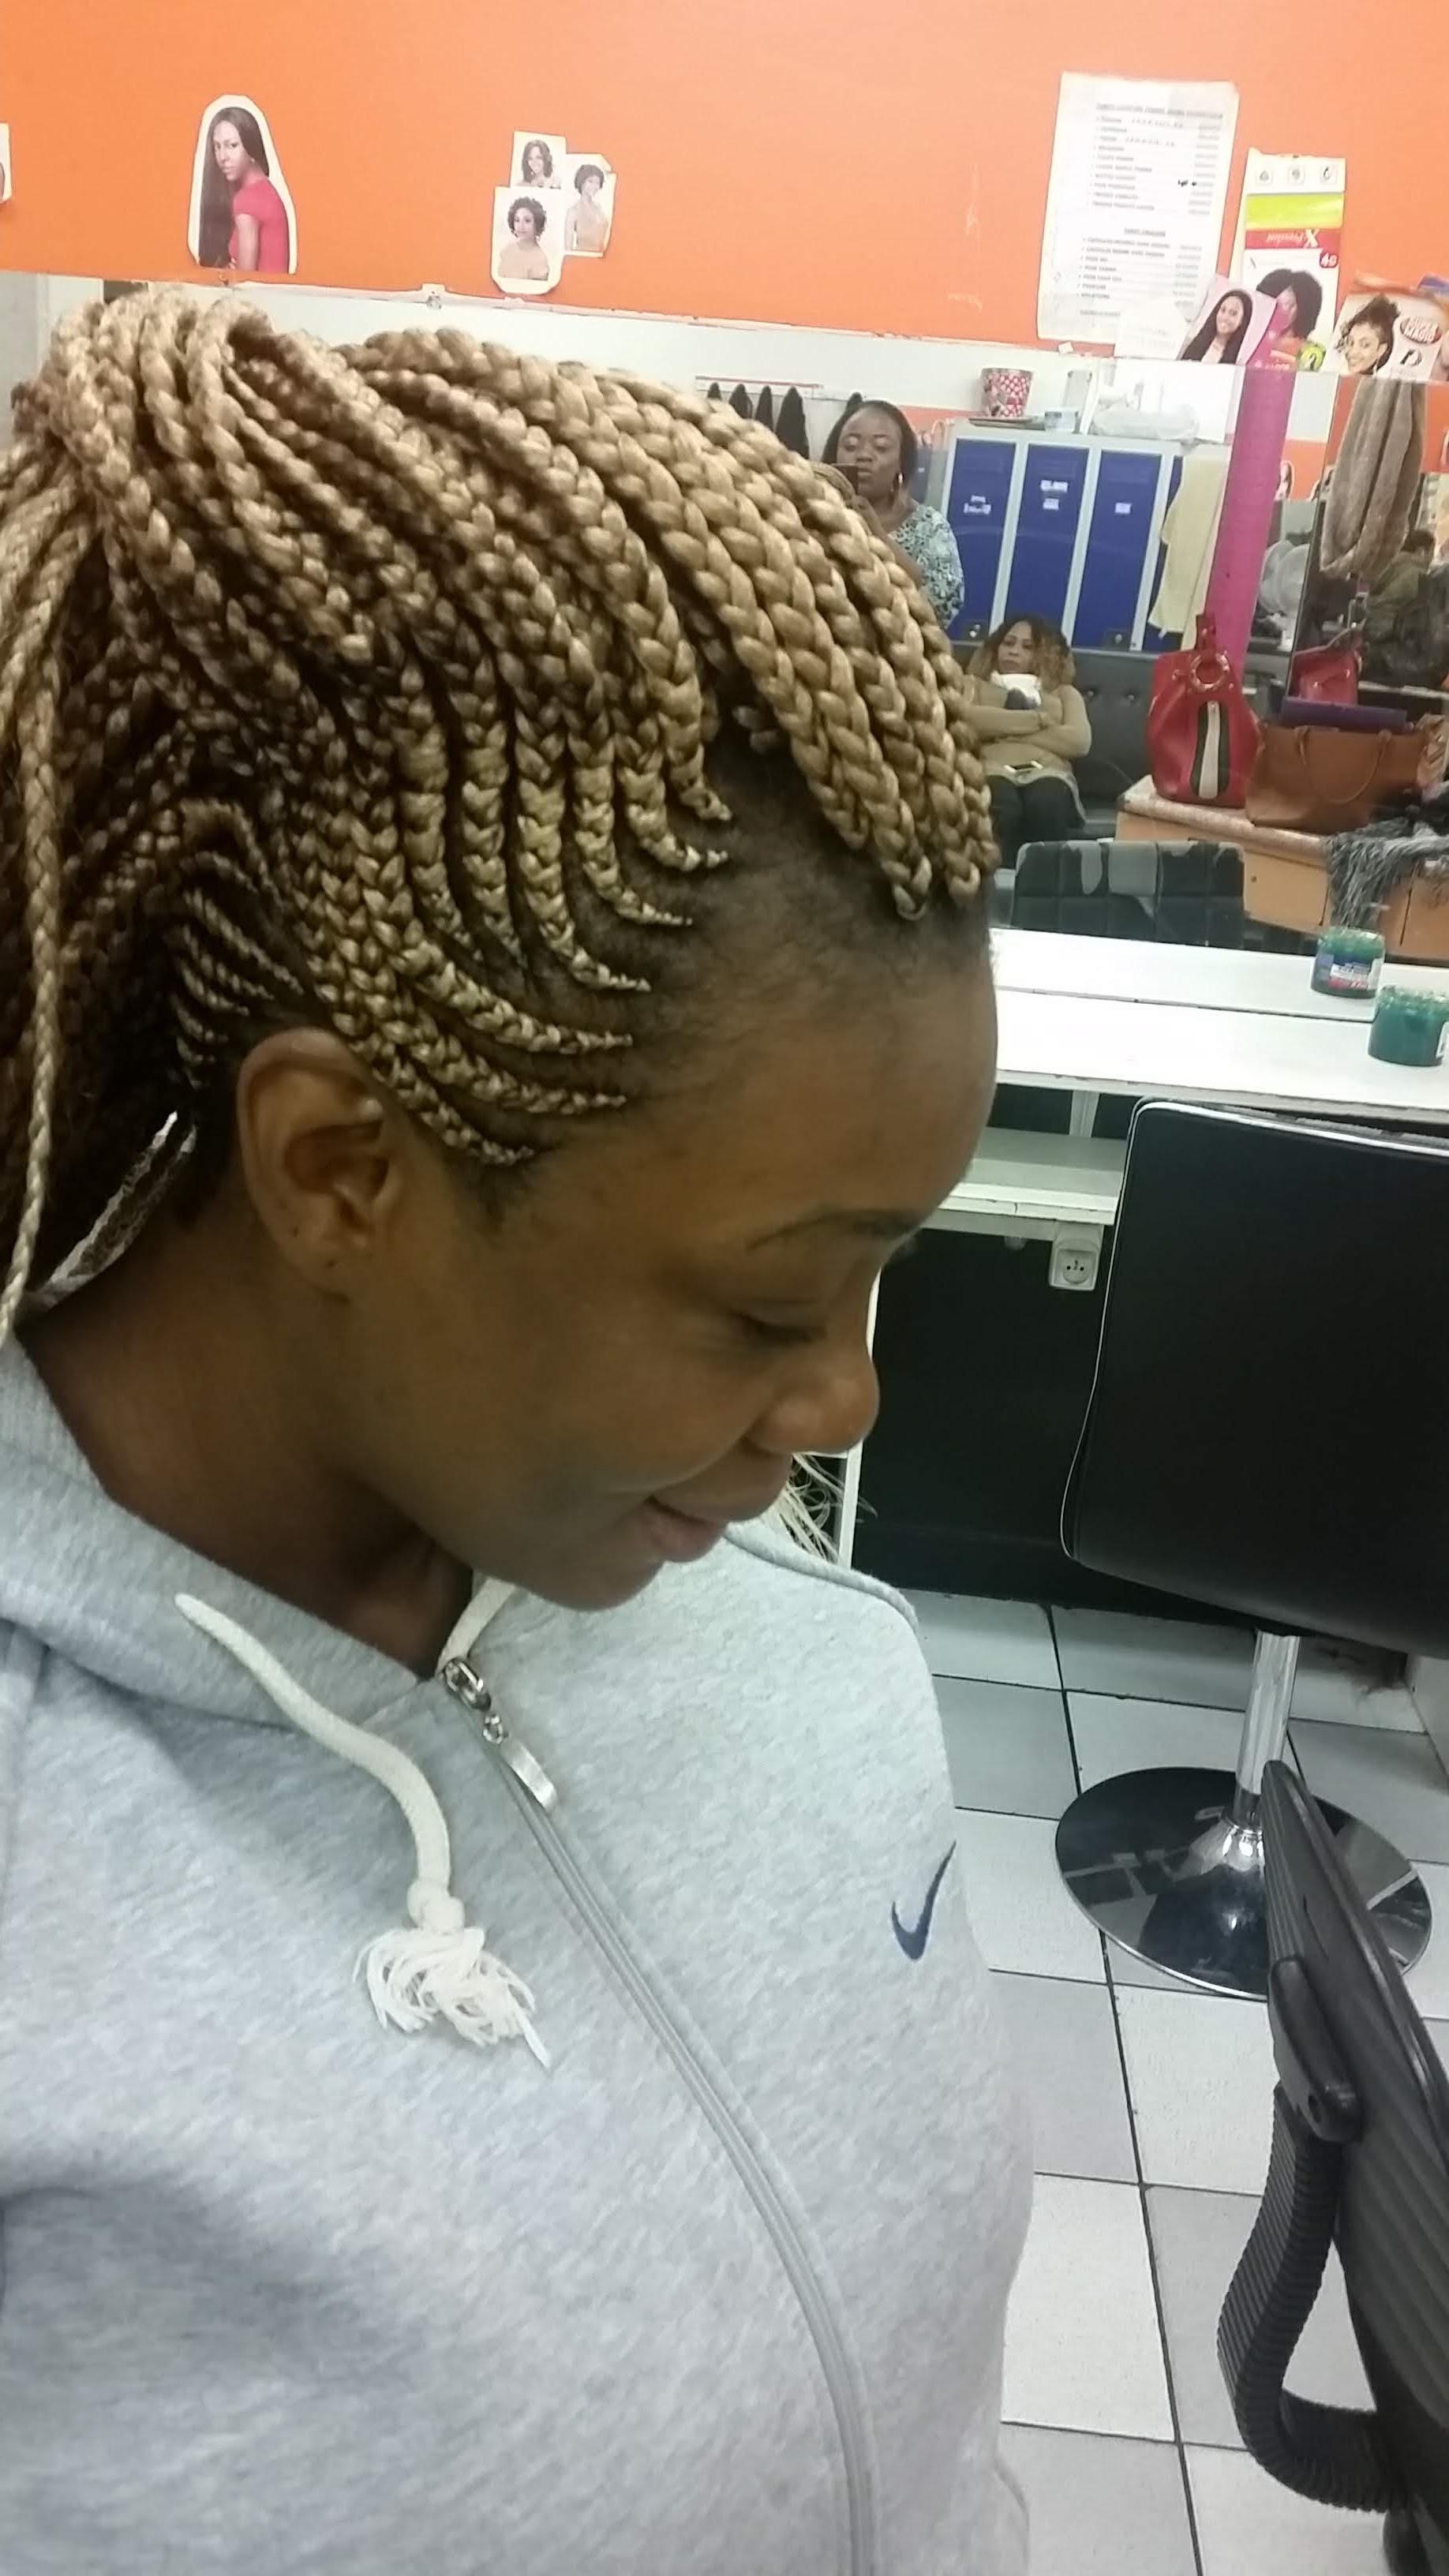 salon de coiffure afro tresse tresses box braids crochet braids vanilles tissages paris 75 77 78 91 92 93 94 95 WUCNQZBQ